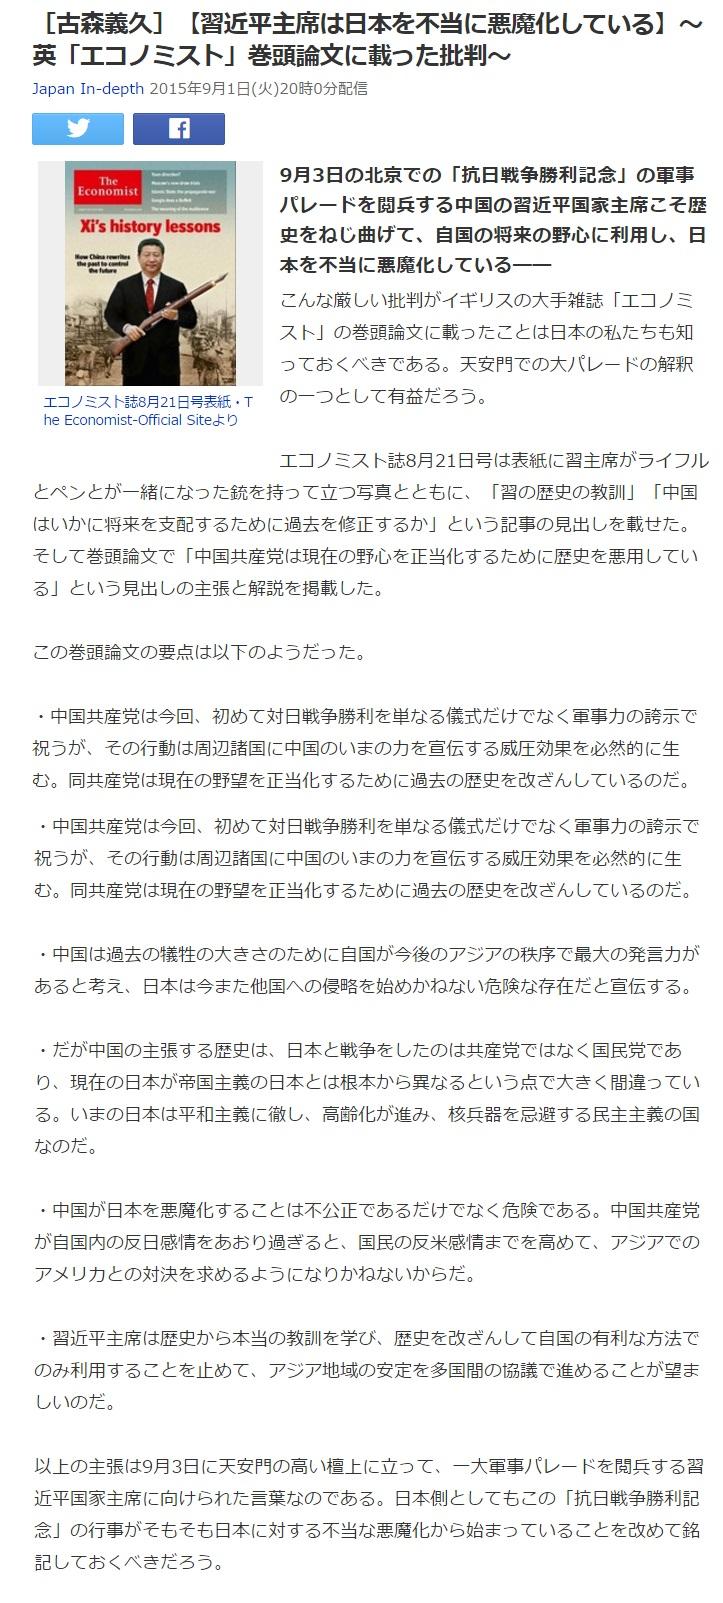 日本を不当に悪魔化する習近平